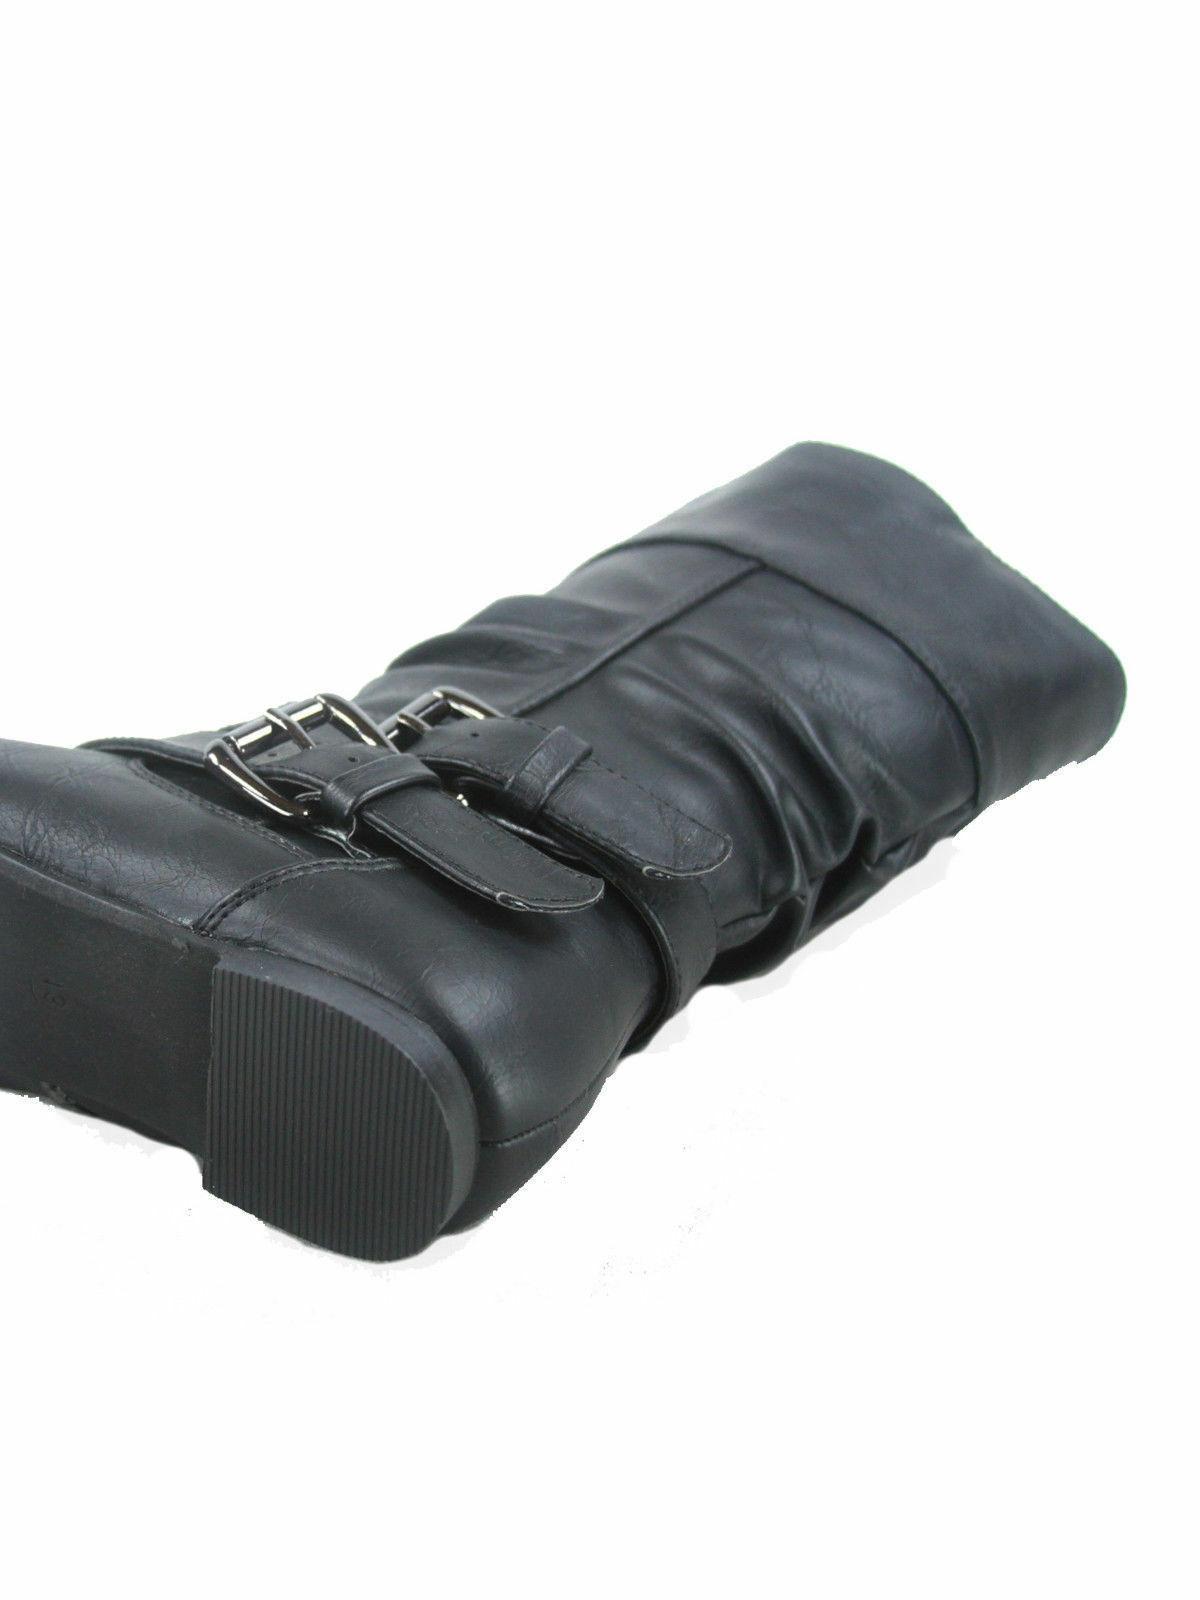 Women's Causal Mid Calf Zip Buckle Boots 5 - 11